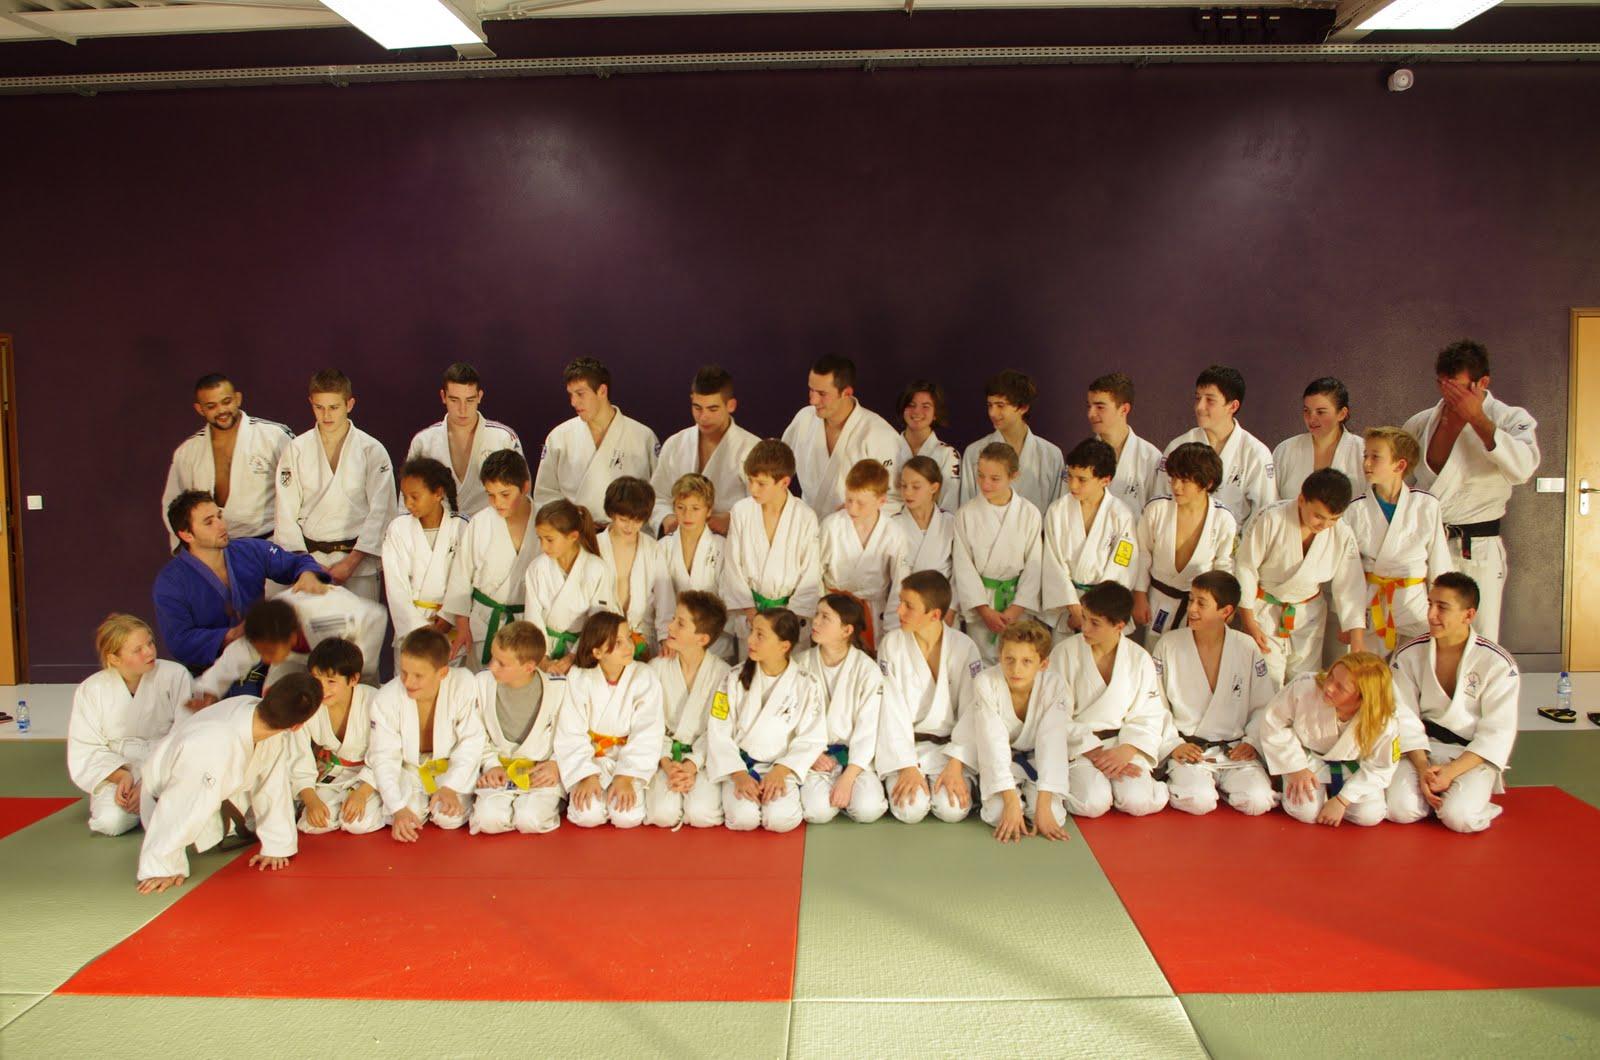 stage judo du pays gallo l 39 hermitage judo club de l 39 hermitage. Black Bedroom Furniture Sets. Home Design Ideas